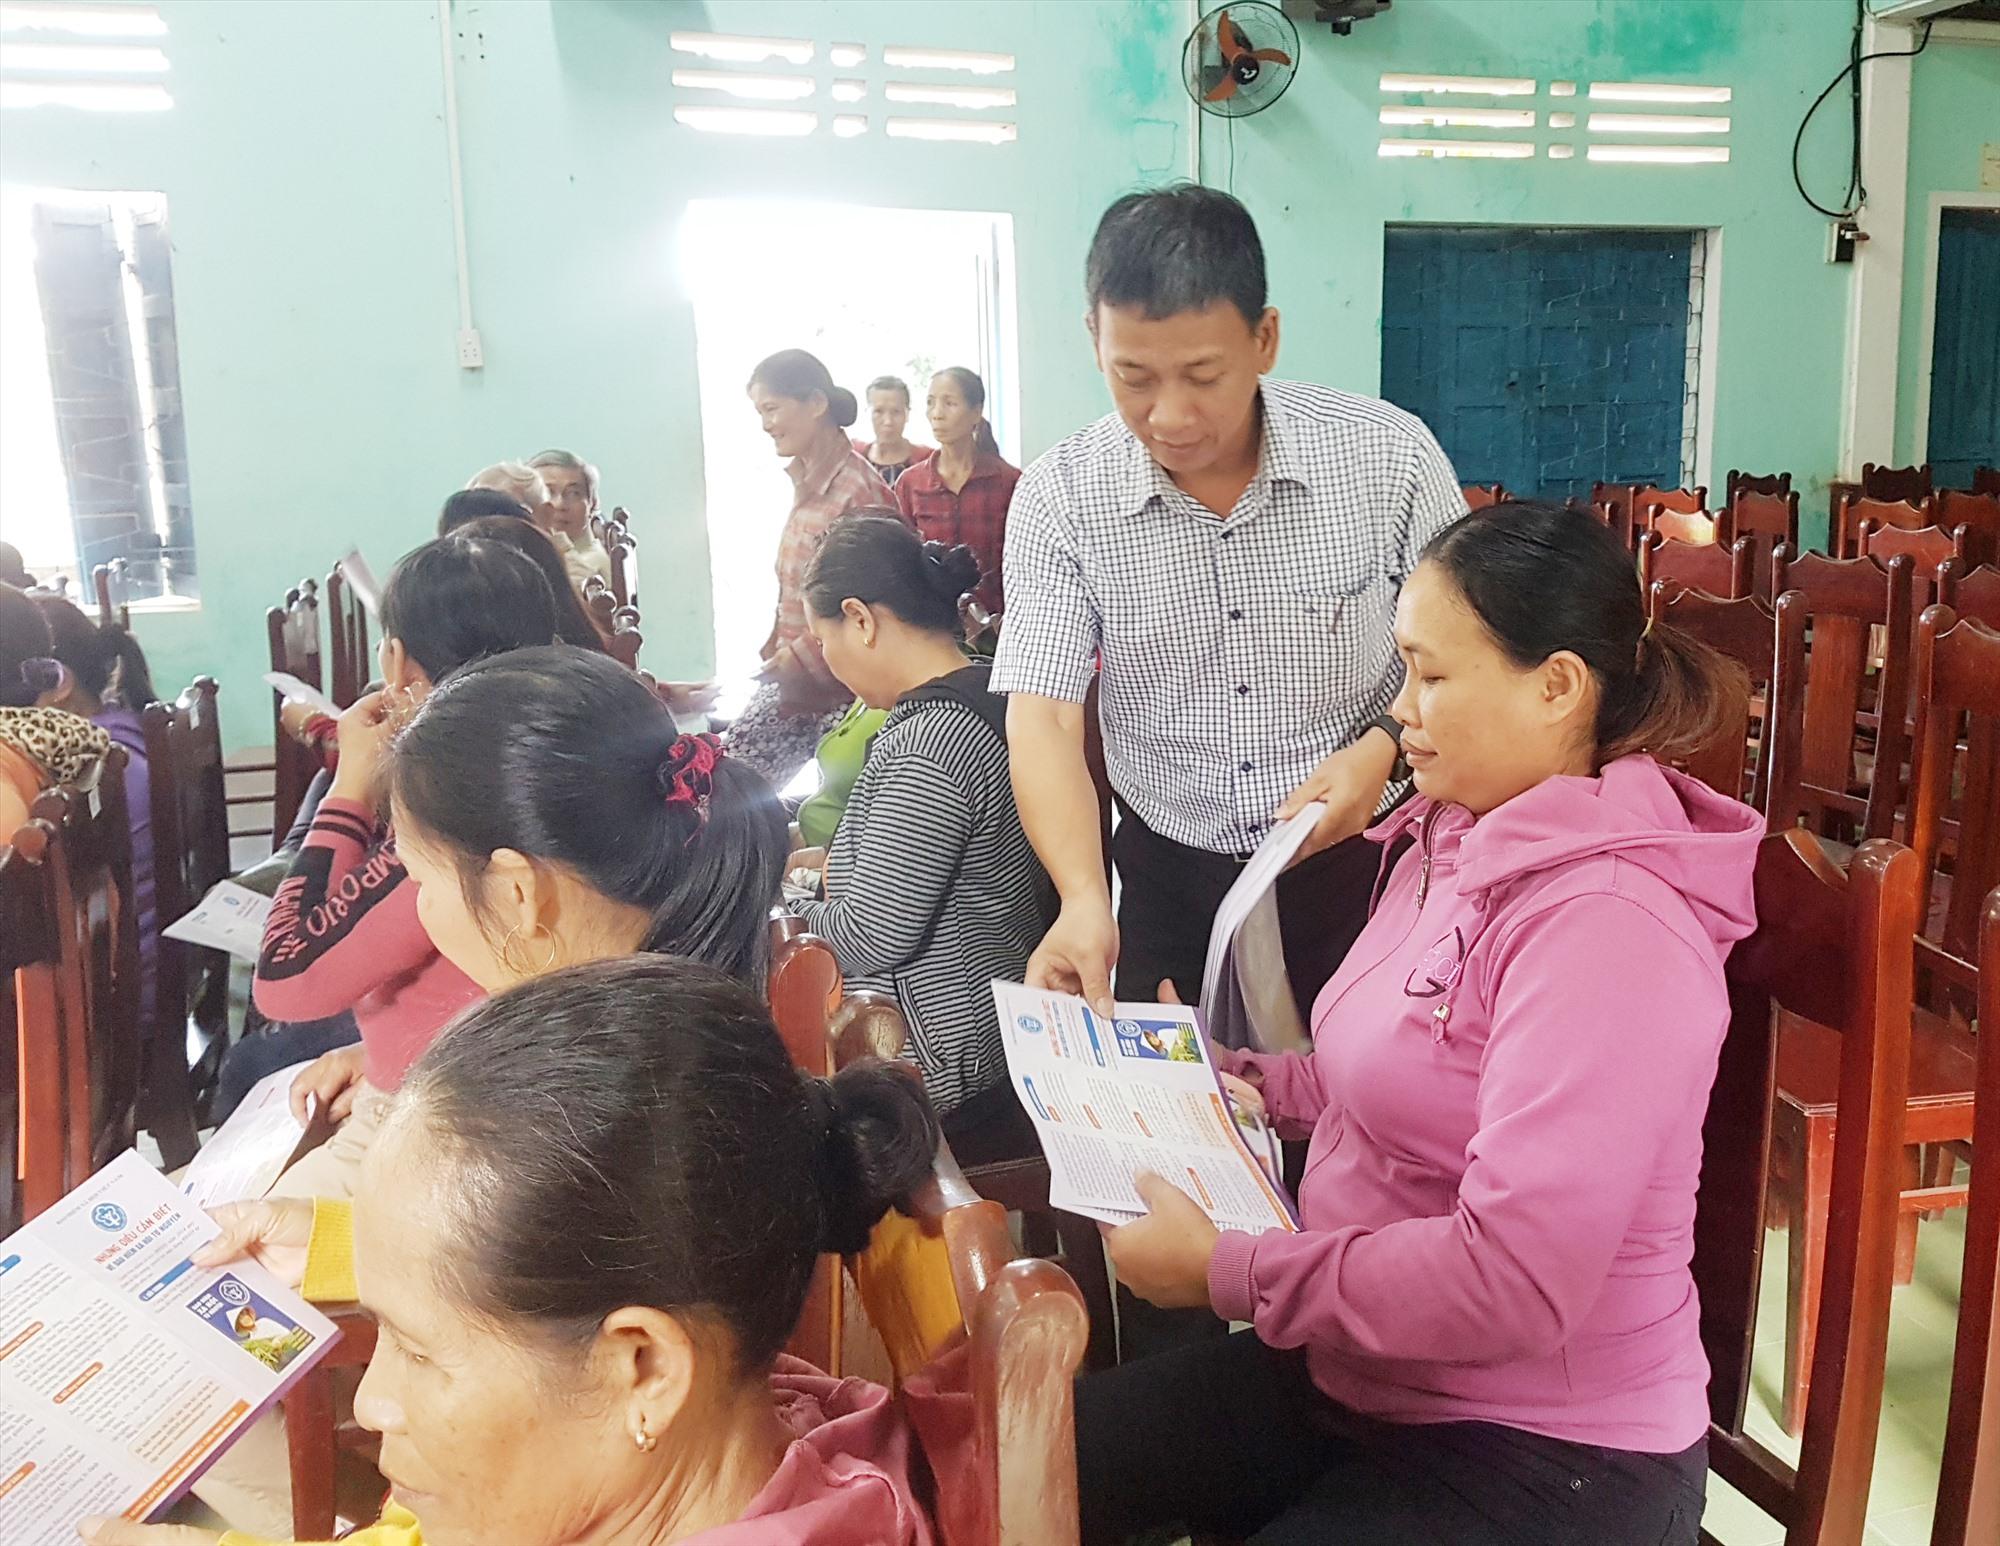 Hàng loạt buổi tuyên truyền chính sách BHXH tự nguyện đã được tổ chức trong toàn tỉnh để đưa chính sách đến người dân. Ảnh: D.L